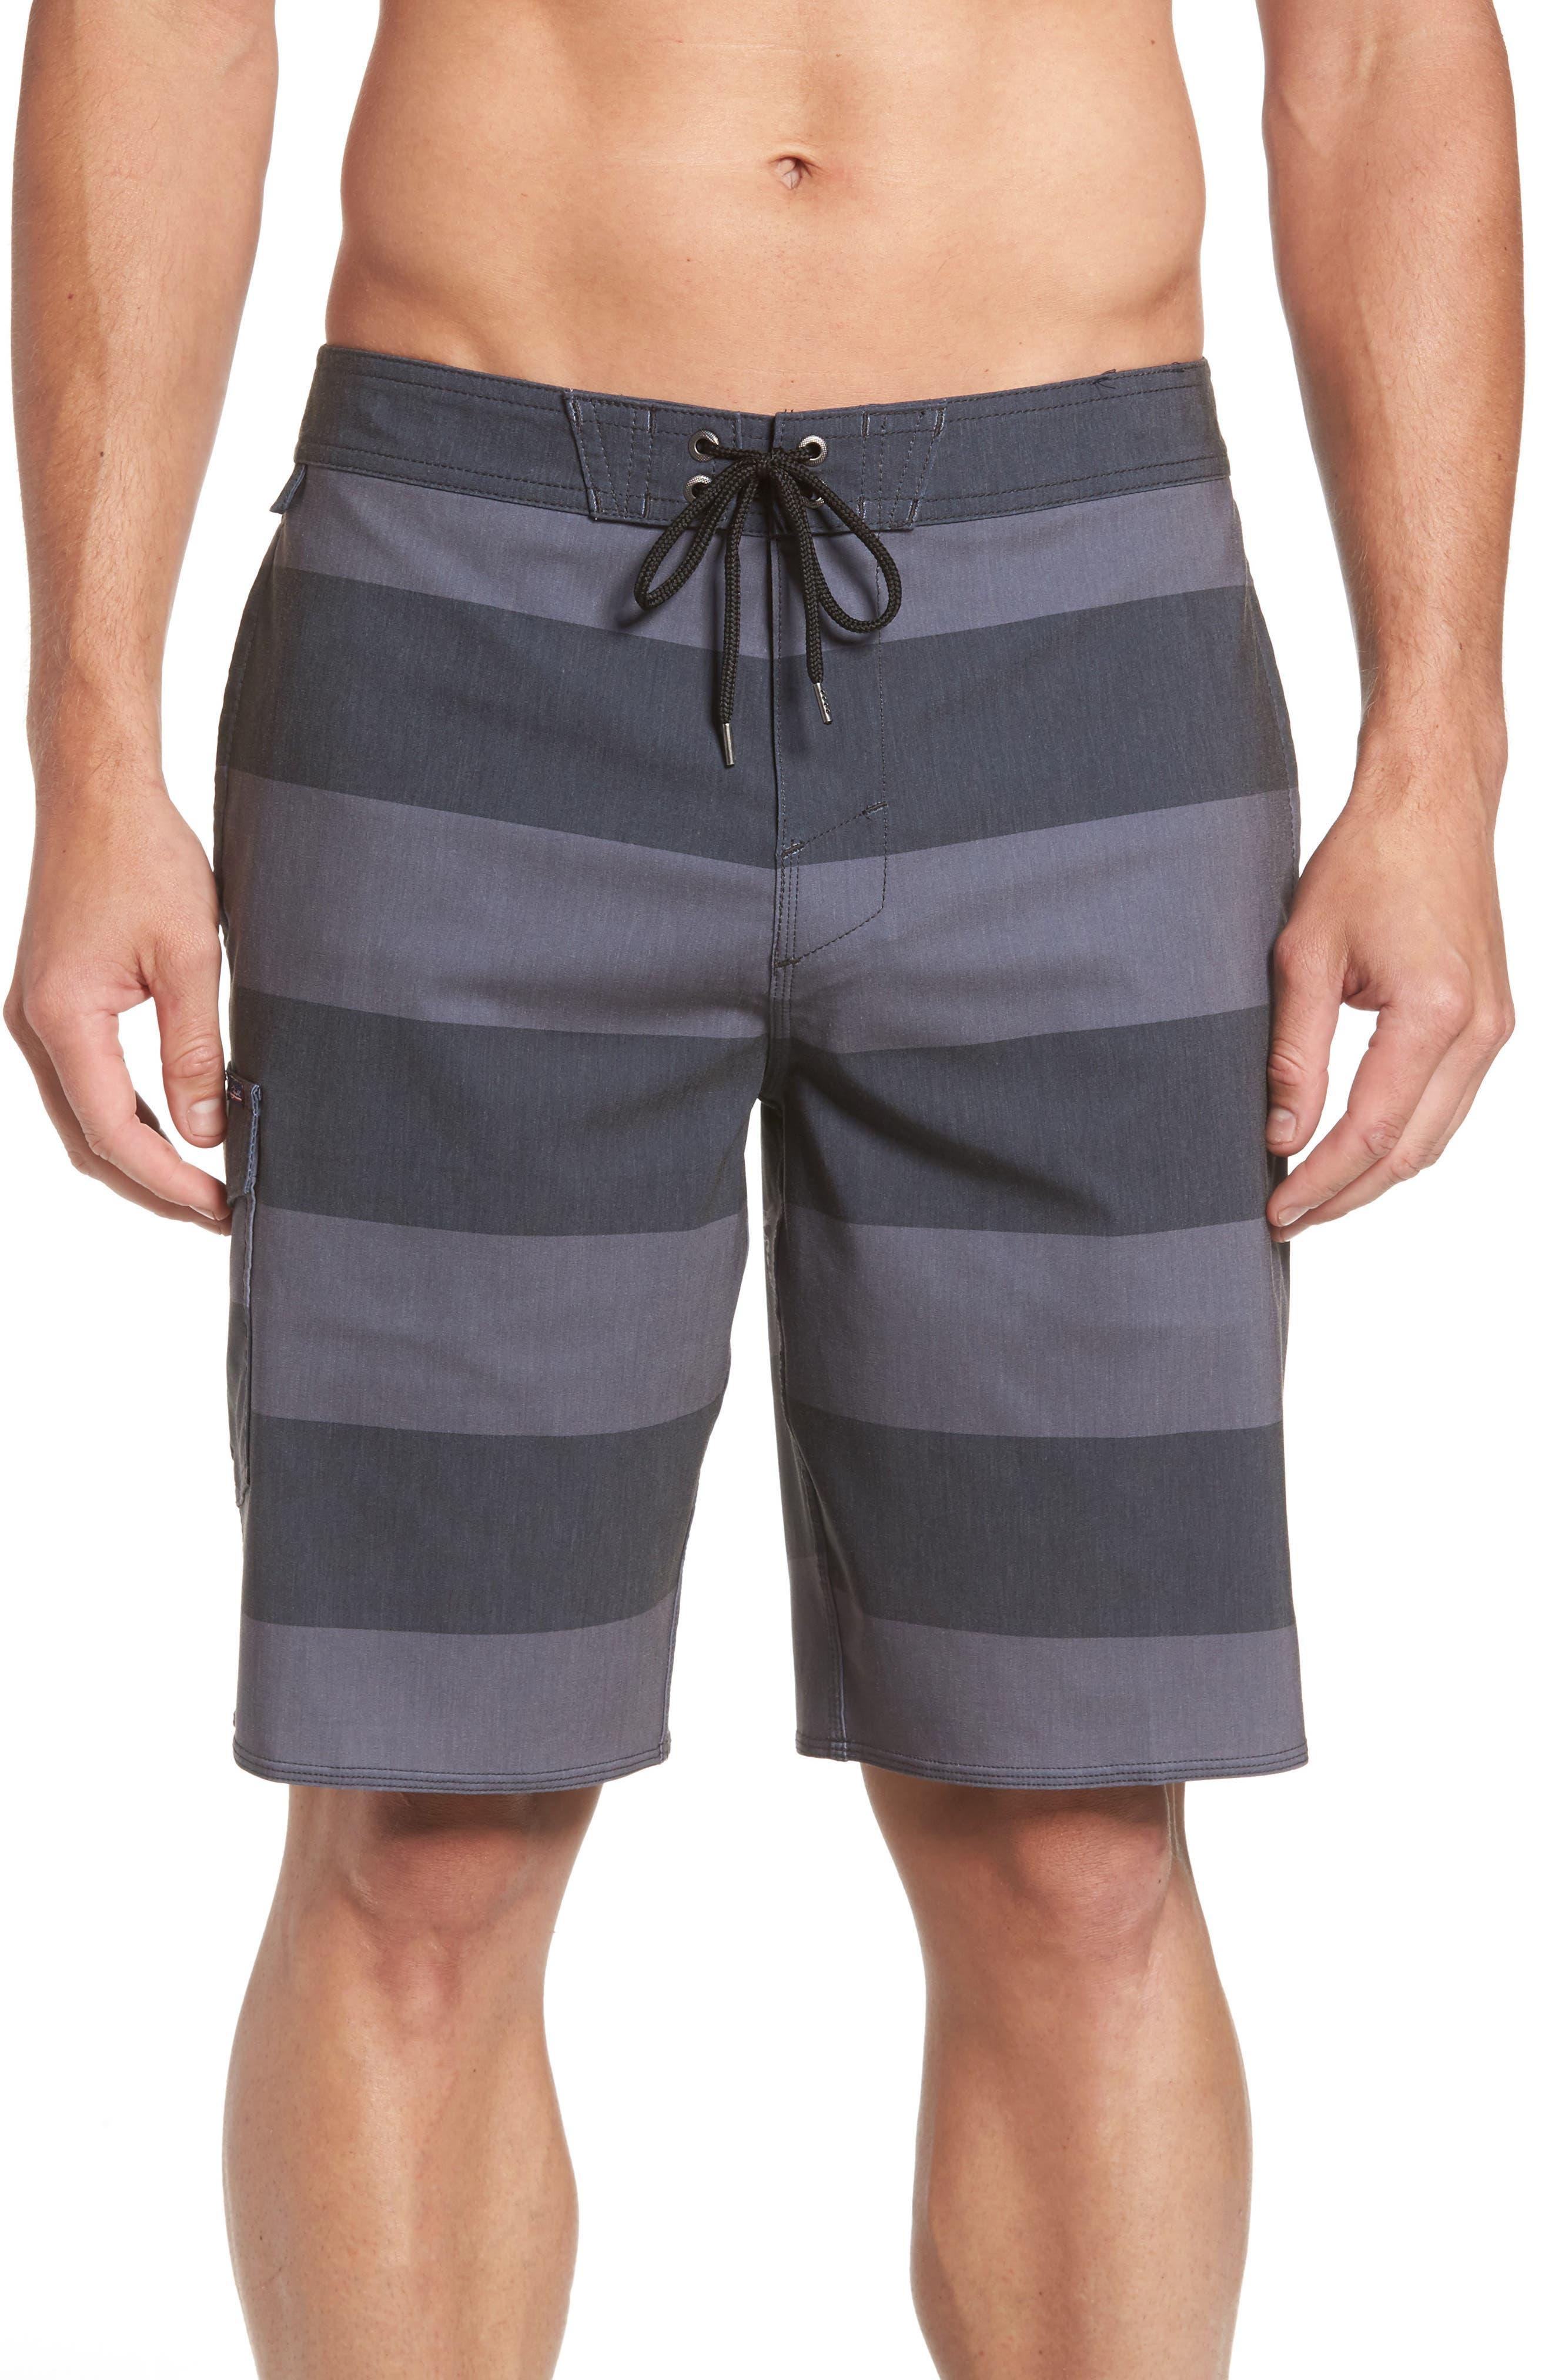 Homage Board Shorts,                         Main,                         color, 001